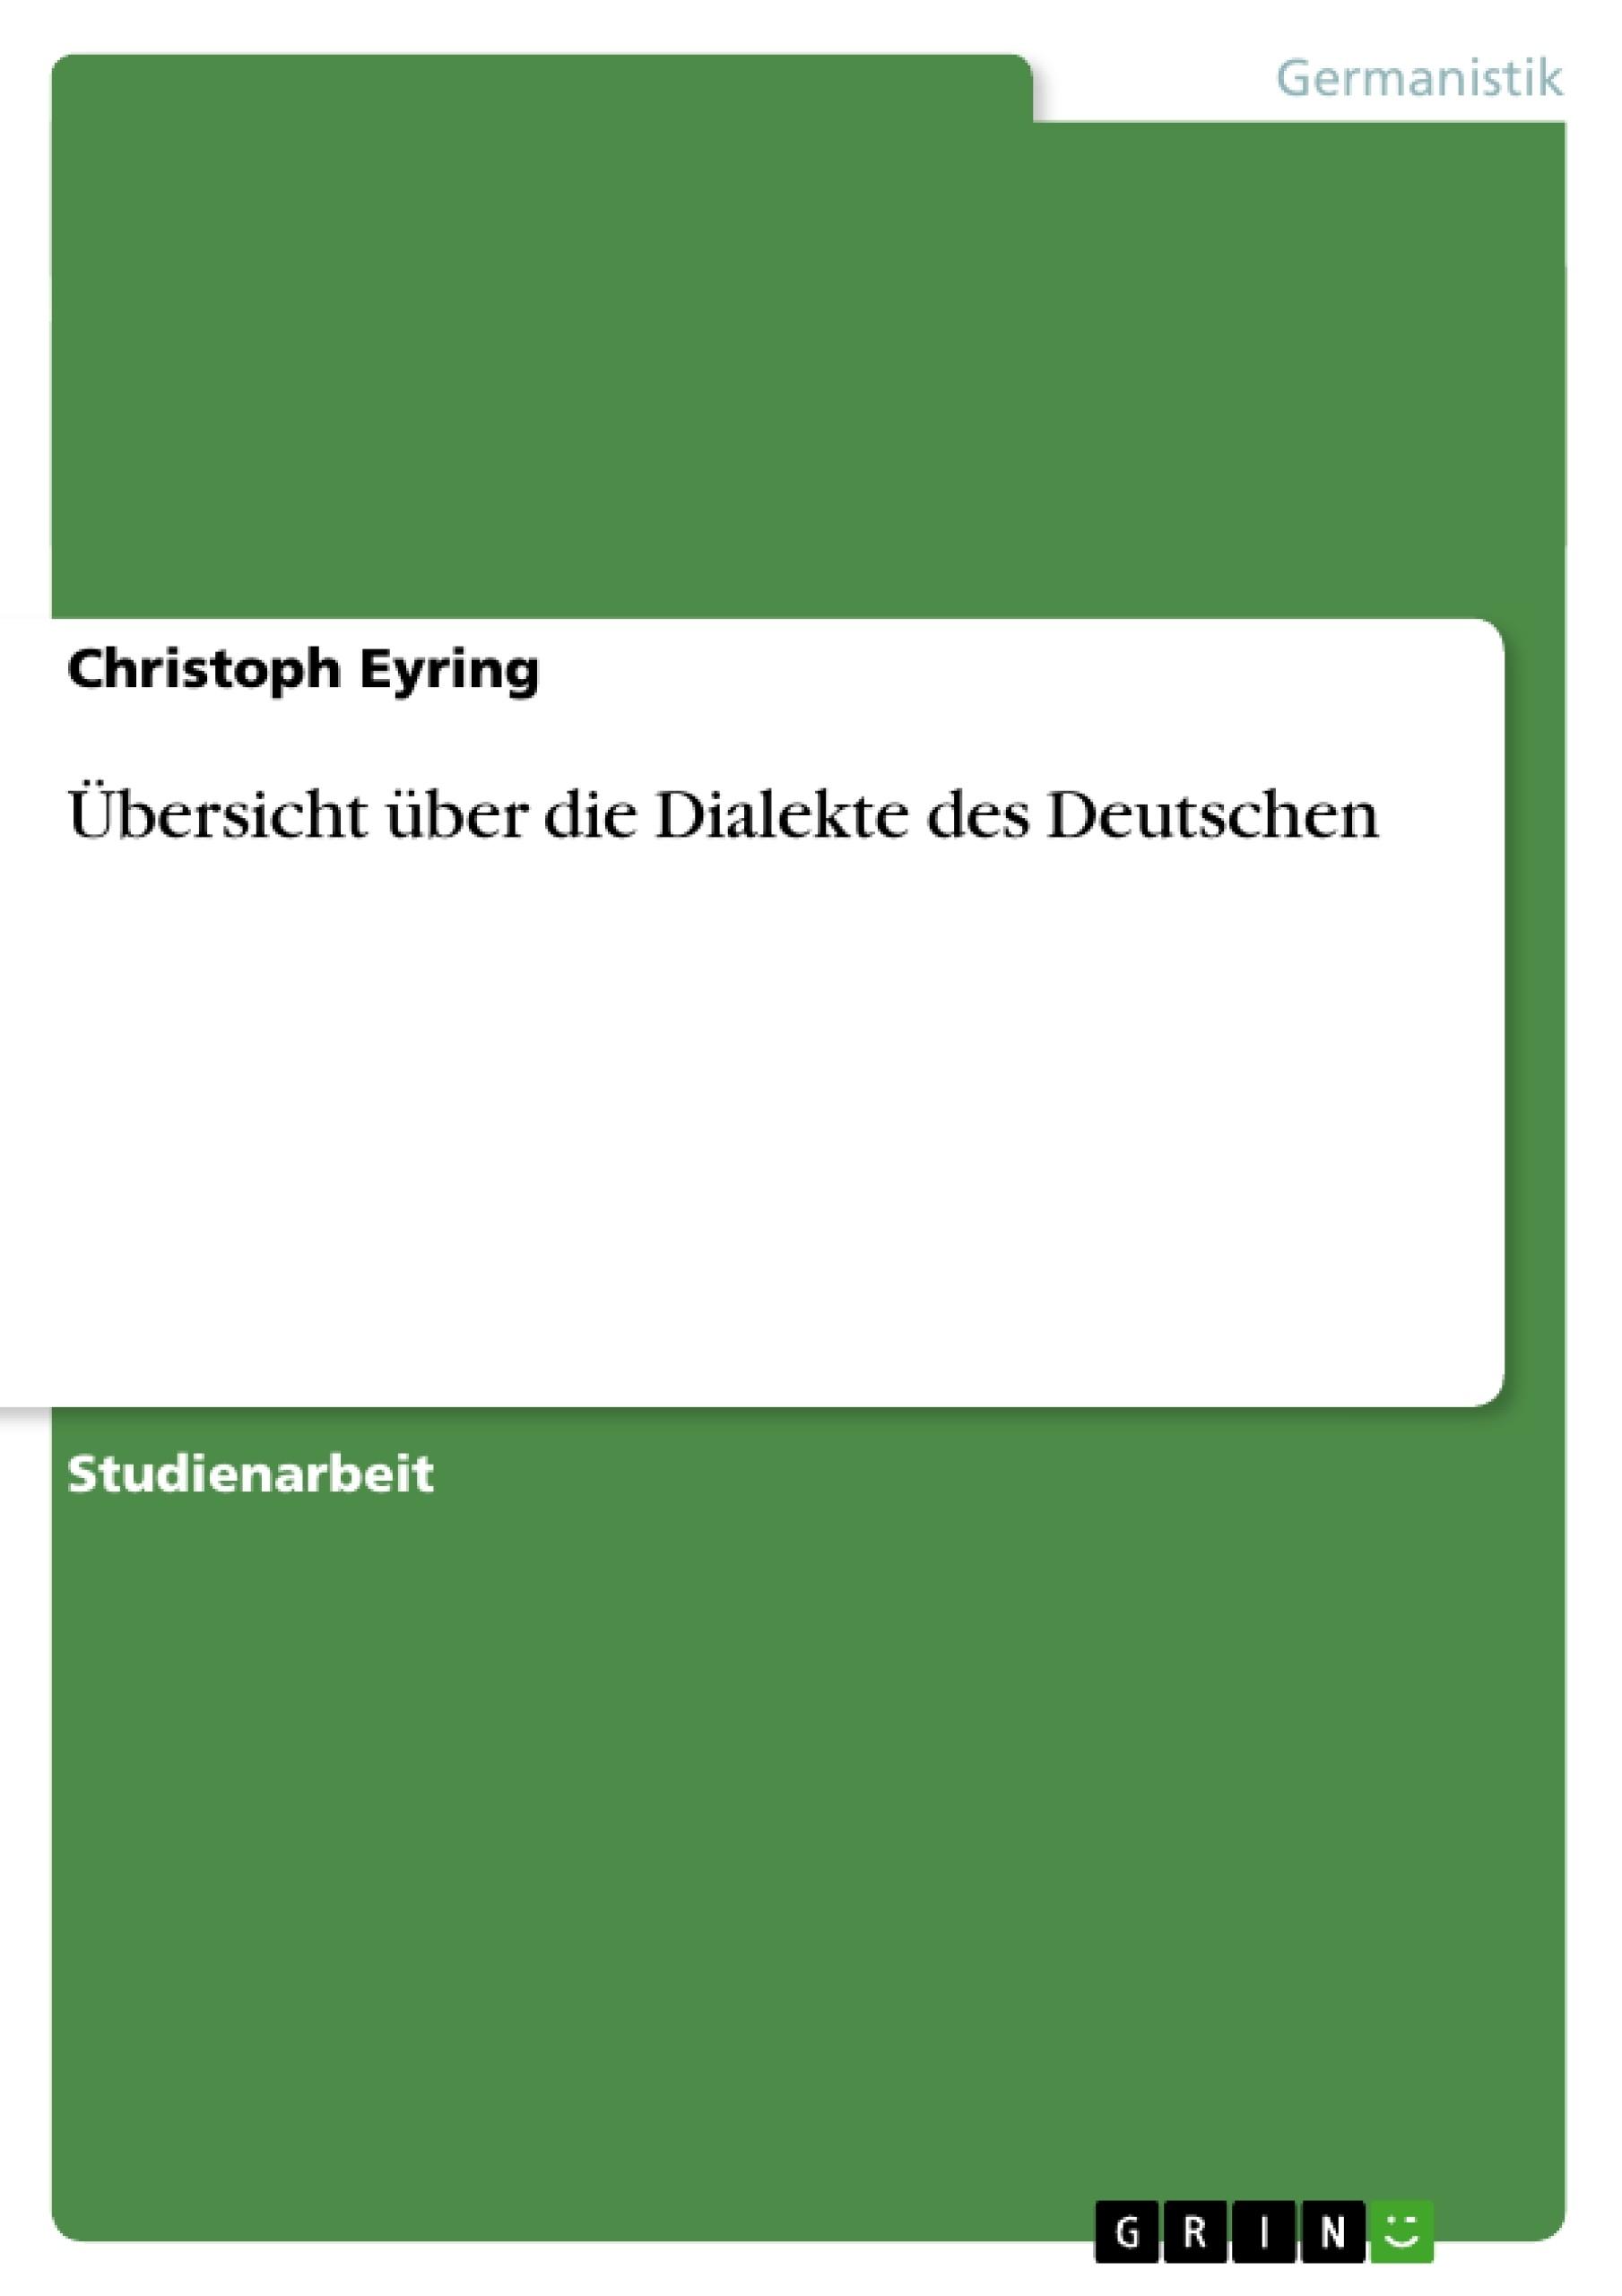 Titel: Übersicht über die Dialekte des Deutschen